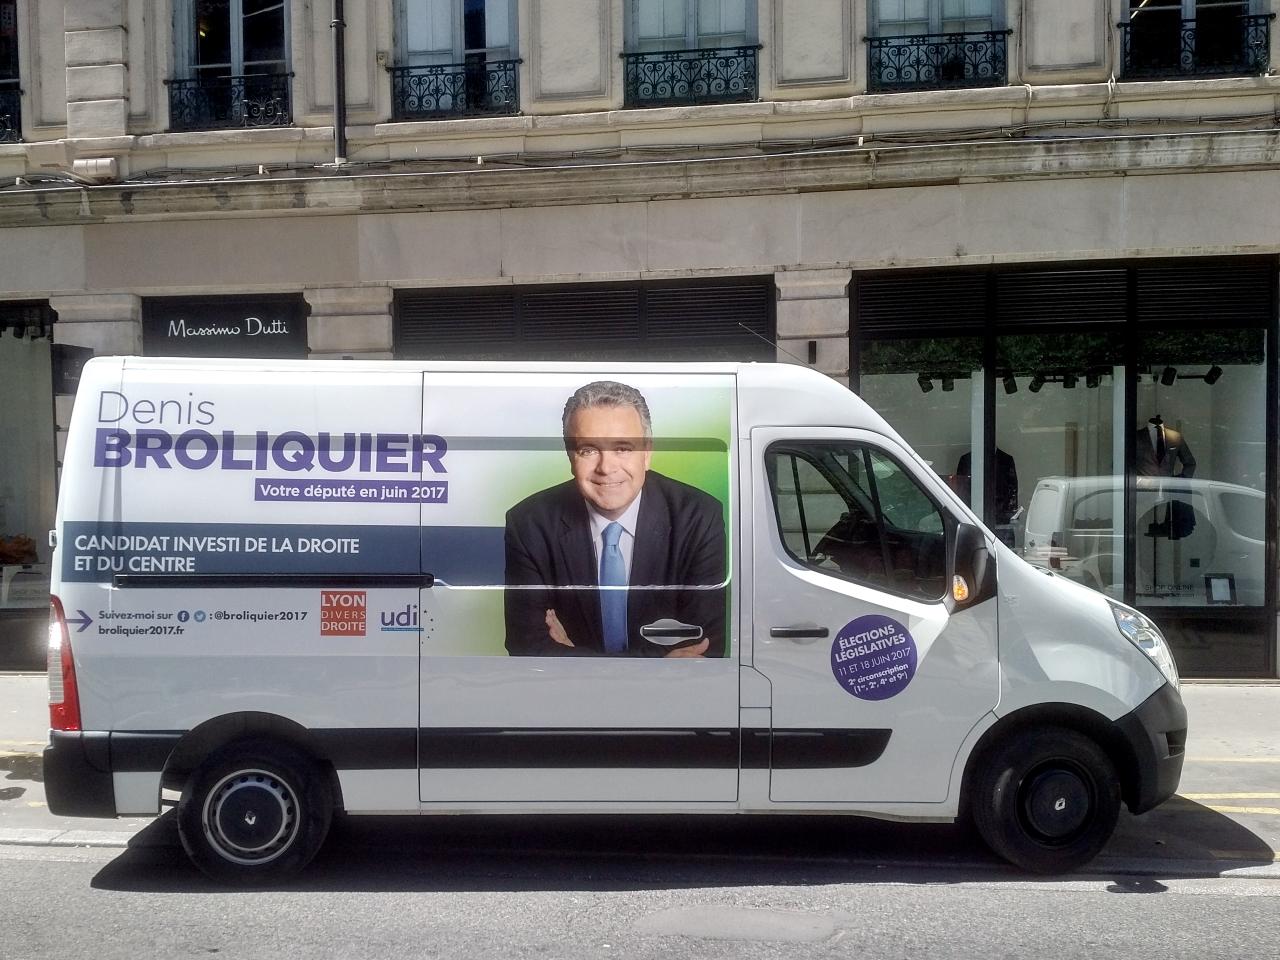 Le camion de campagne de Denis Broliquier